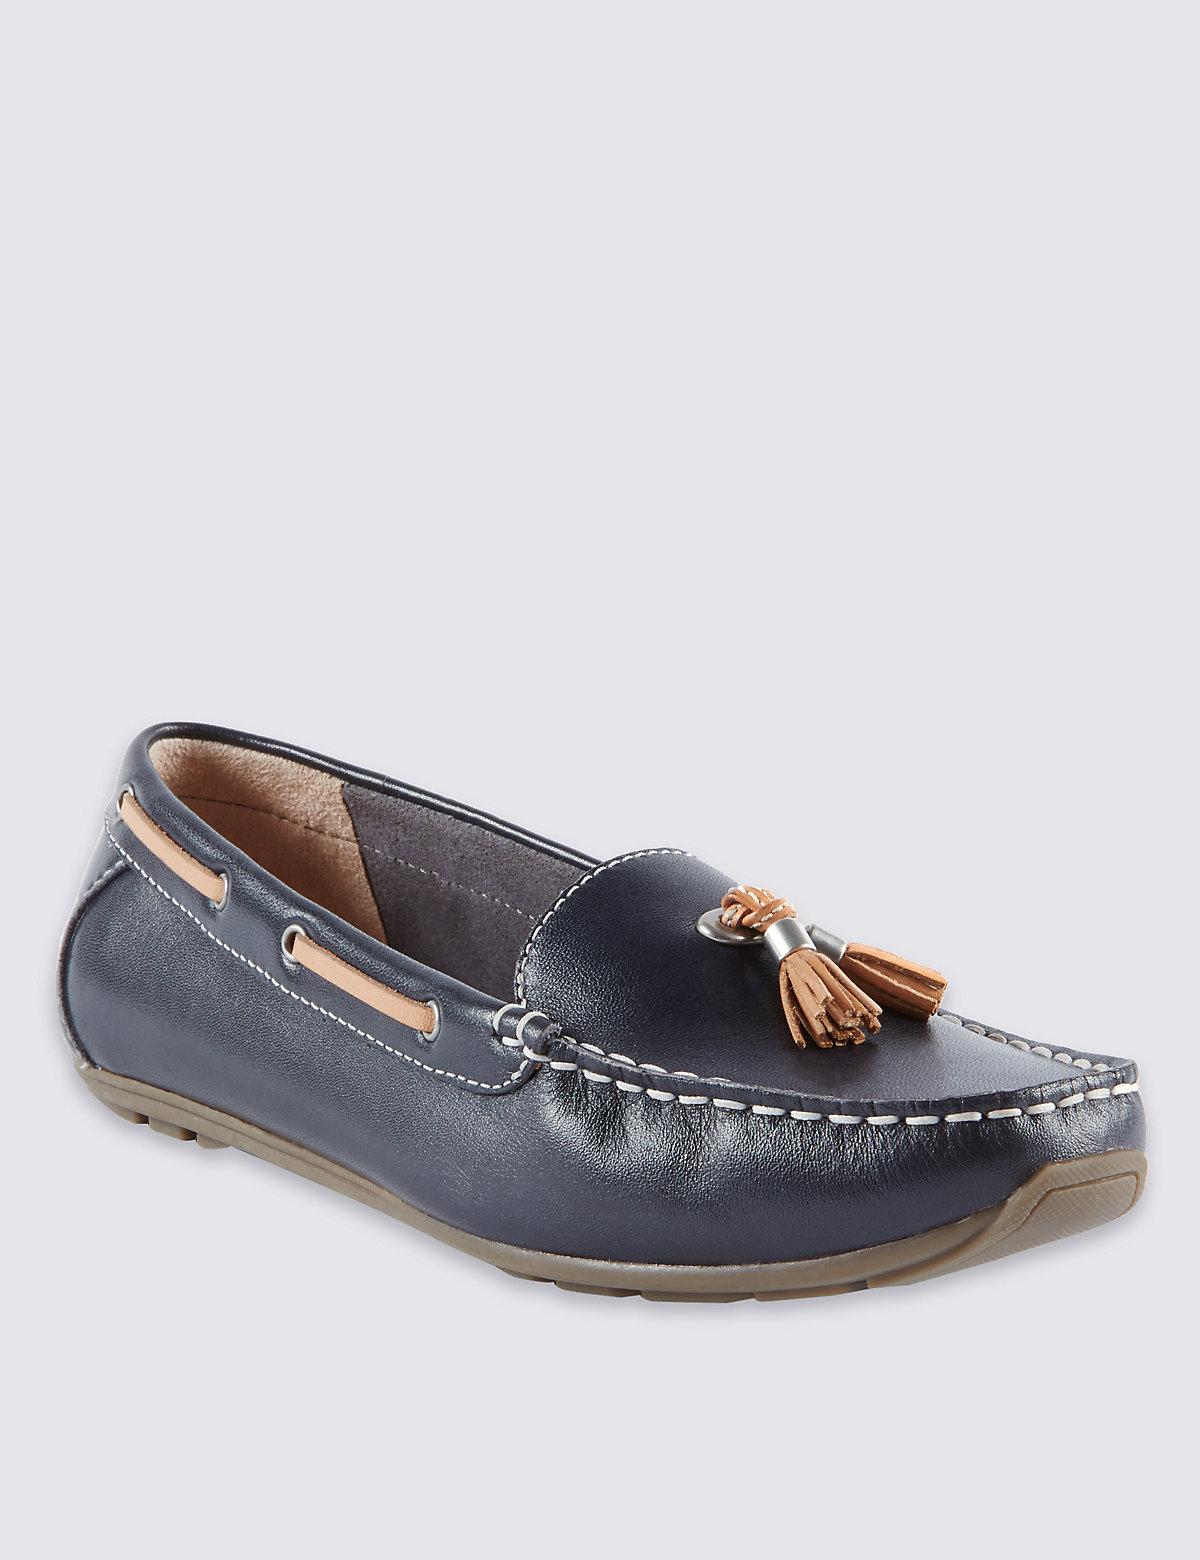 Best Deck Shoes Uk